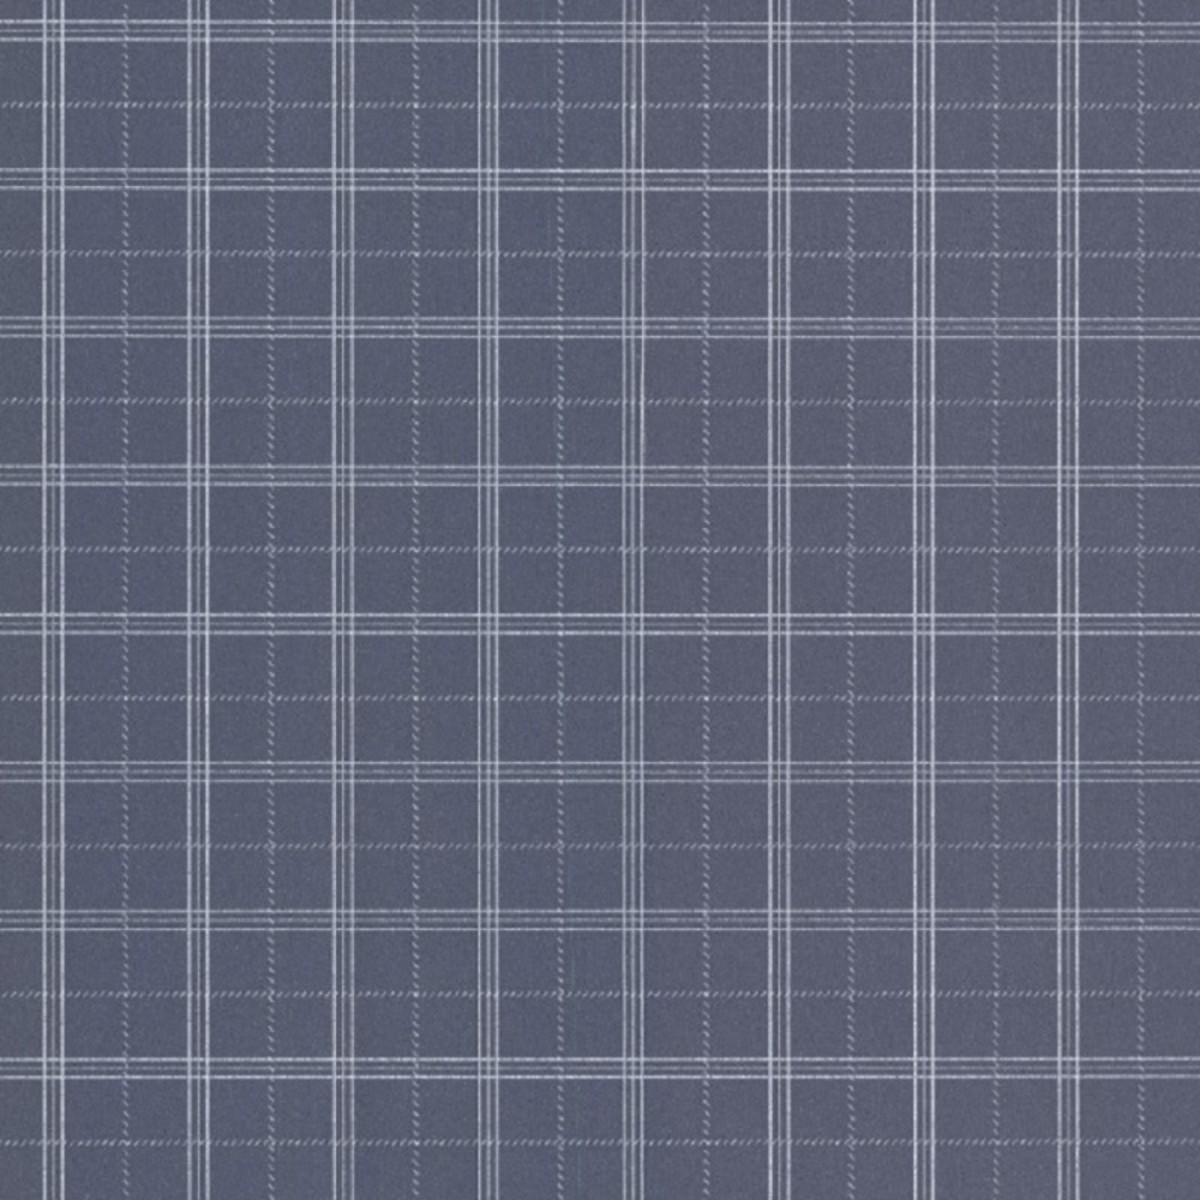 Флизелиновые обои Aura синие FD21205(2604-21205) 0.53 м